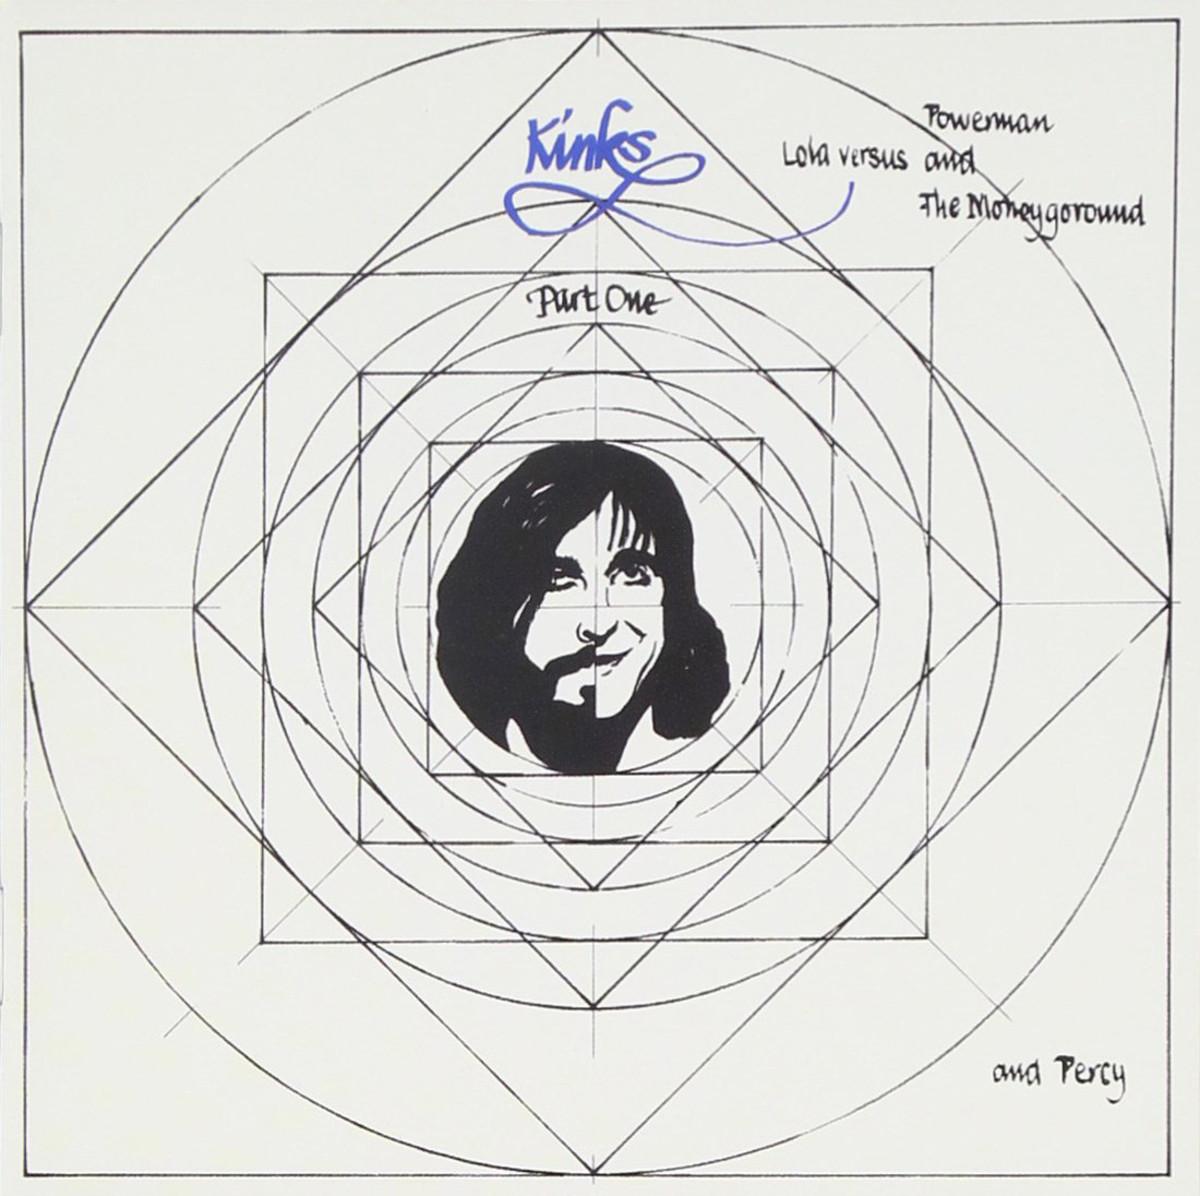 Kinks-Lola